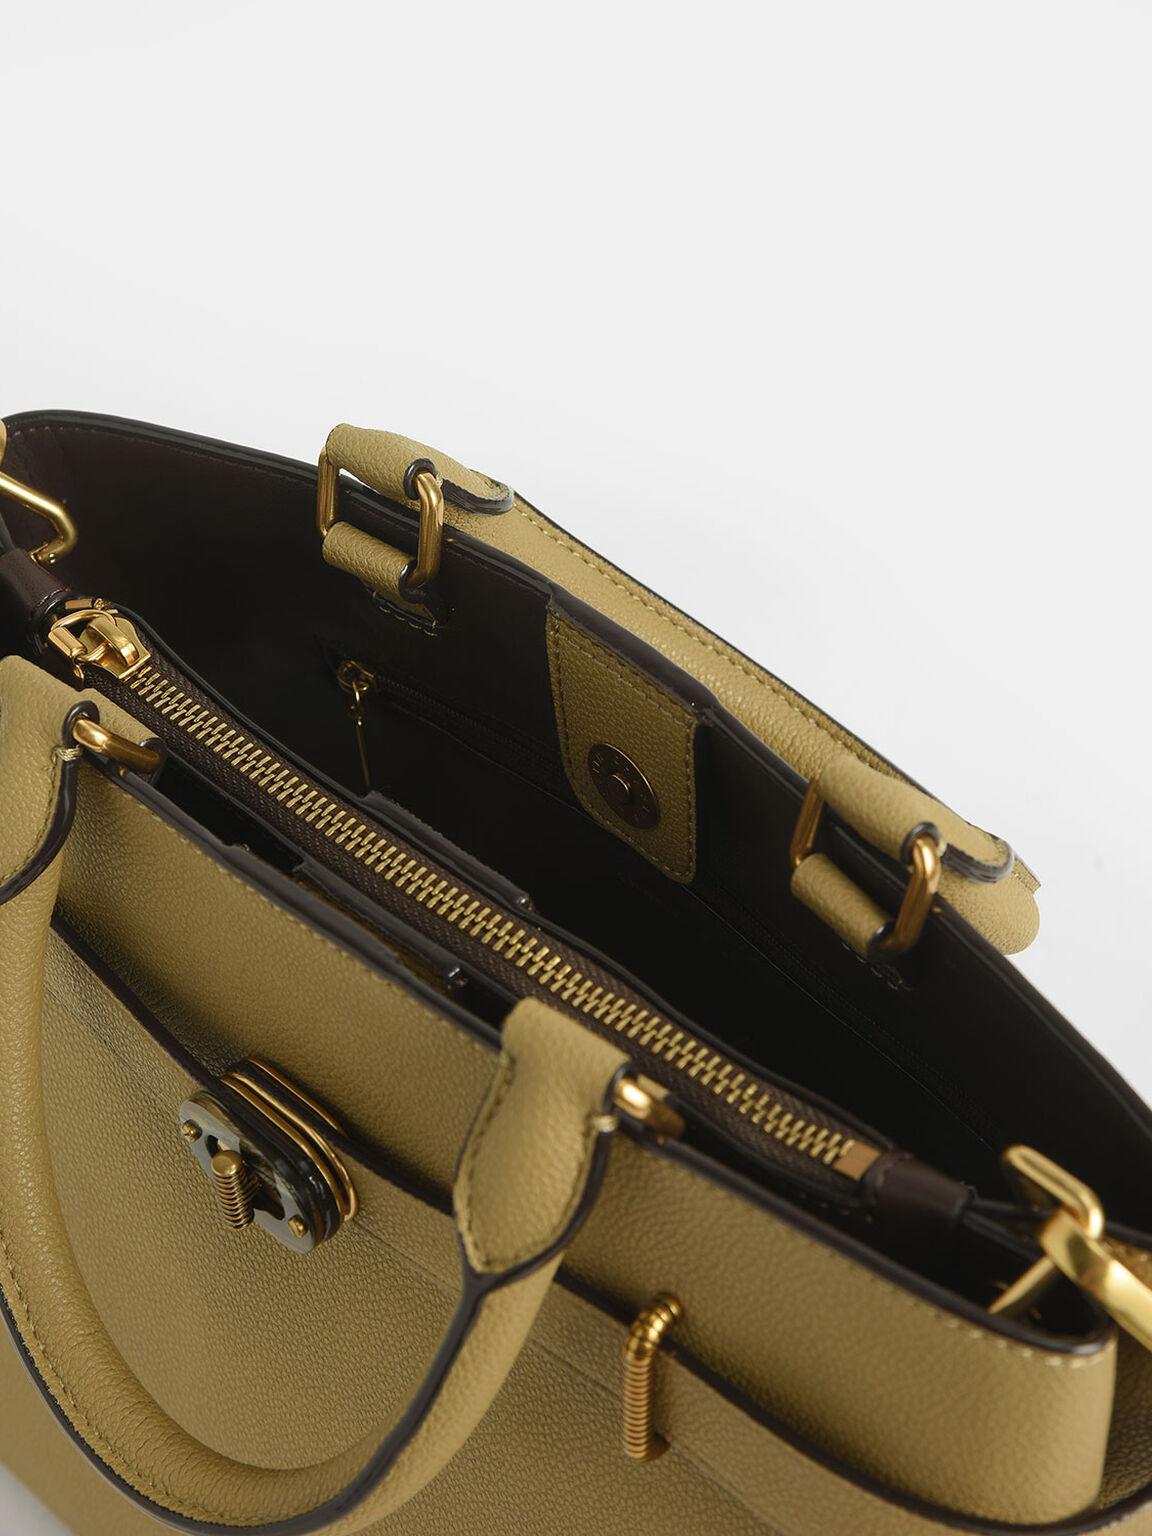 Large Turn-Lock Tote Bag, Khaki, hi-res